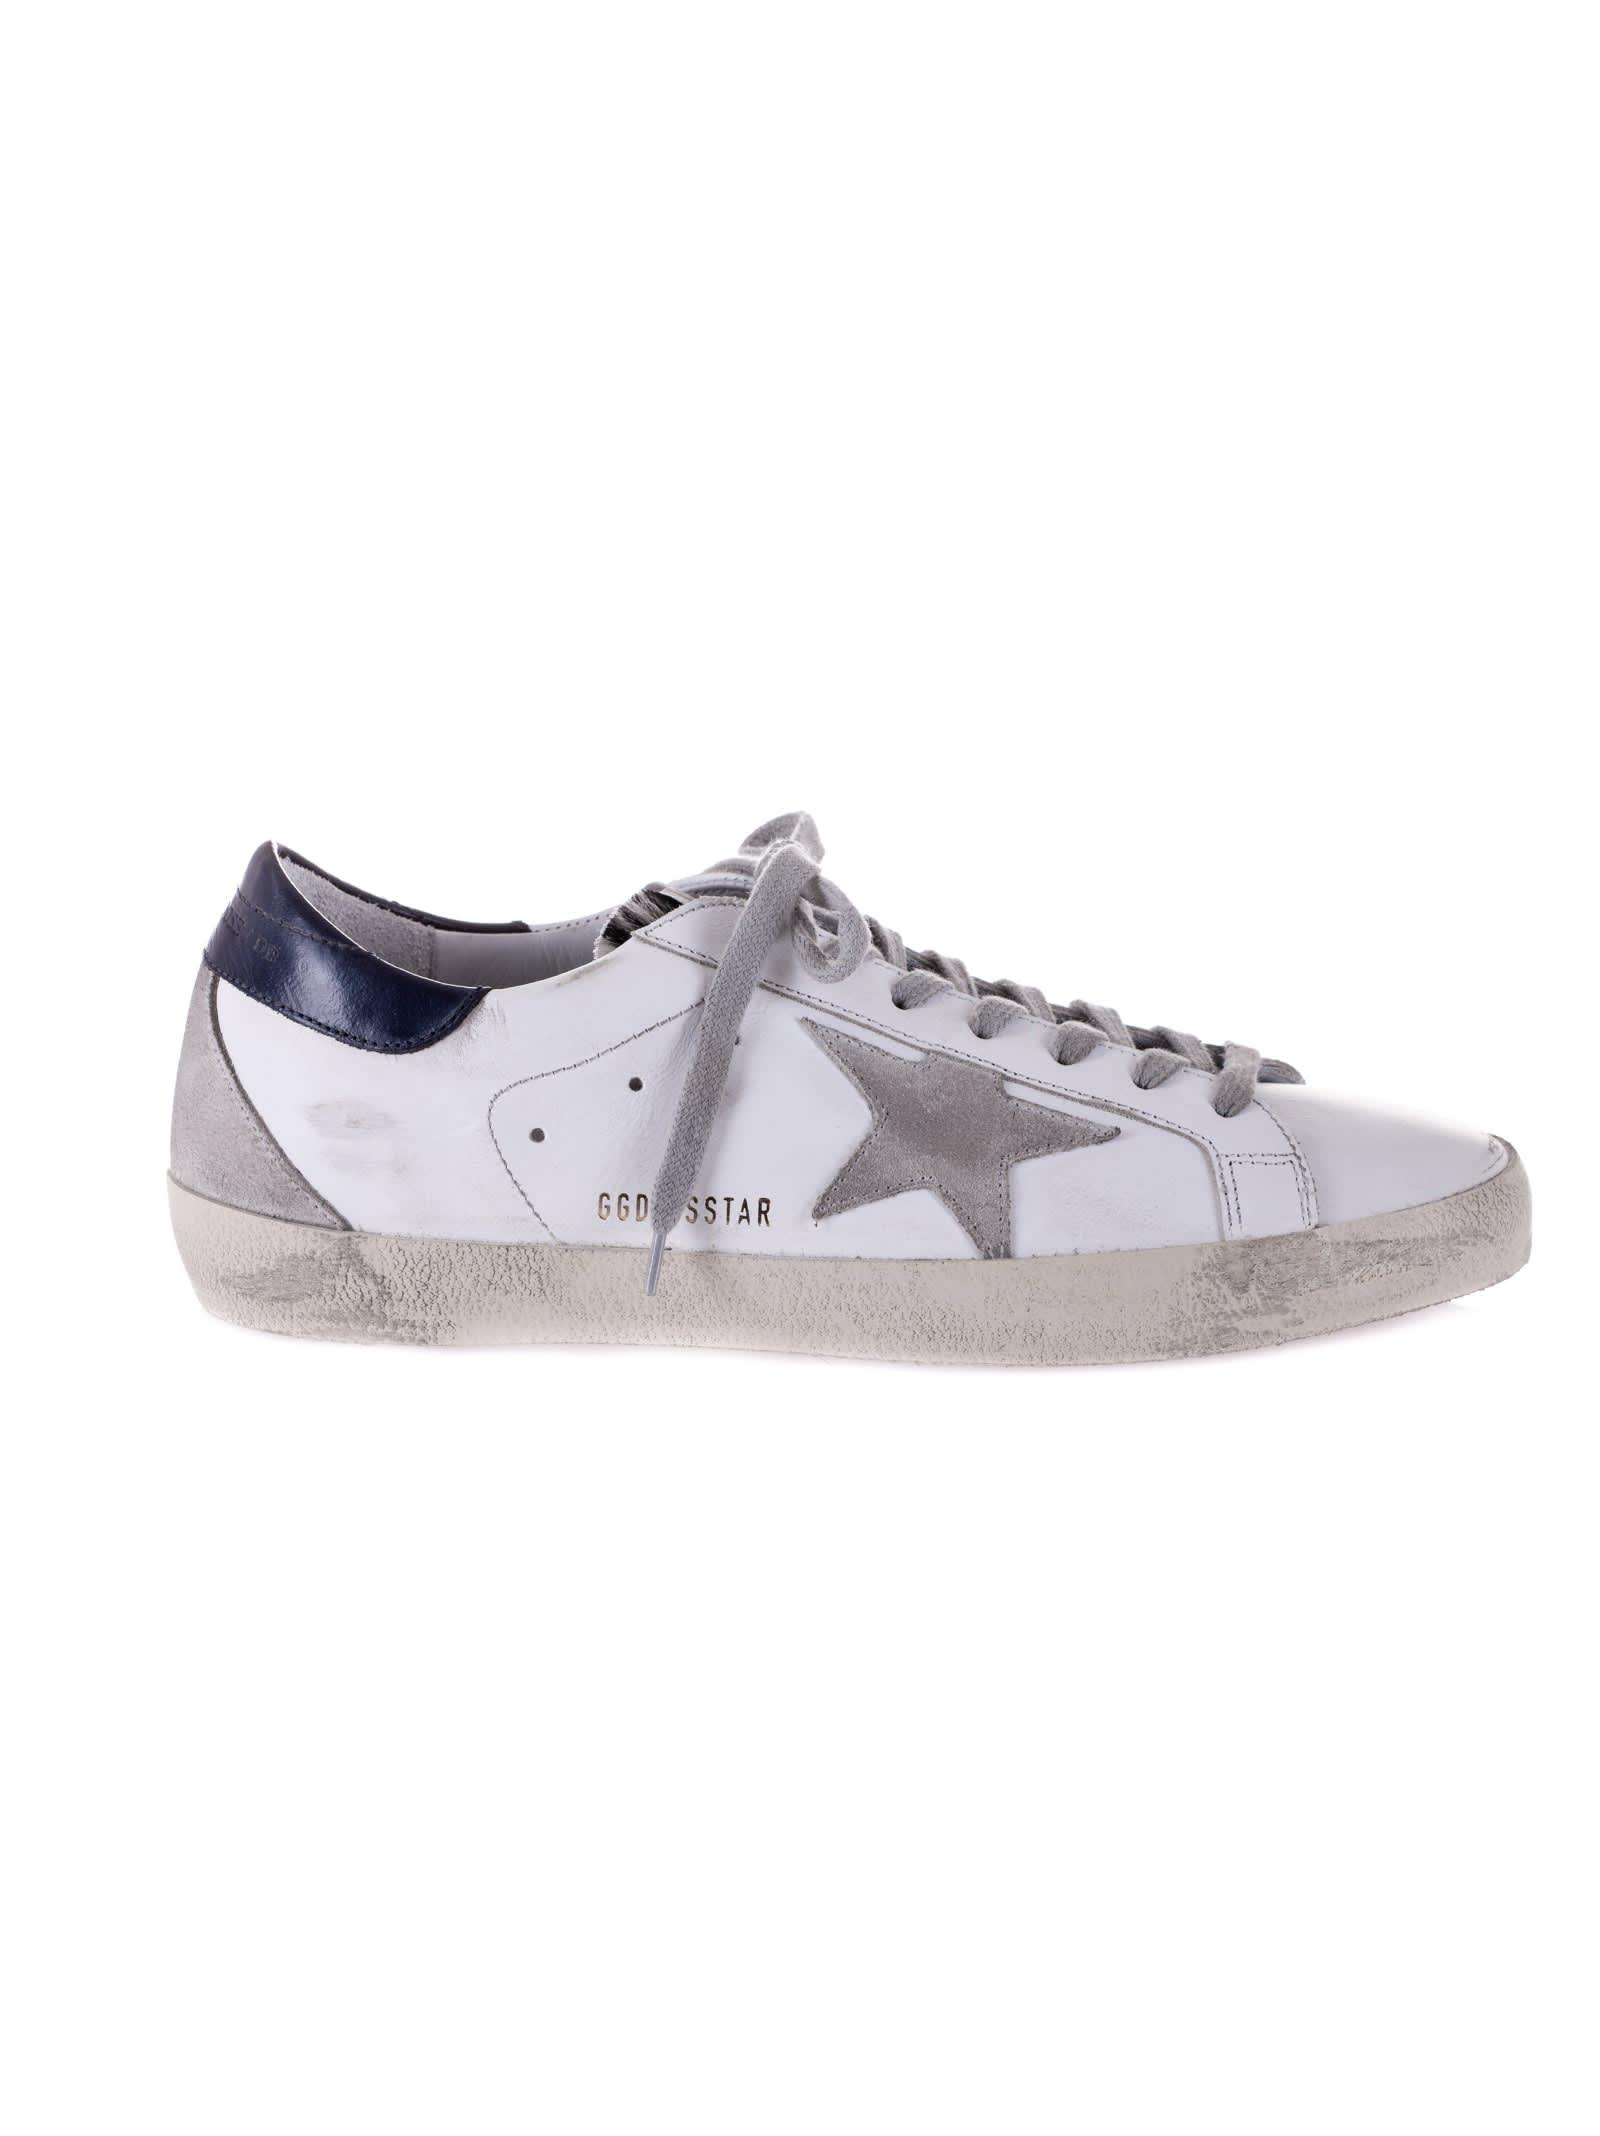 2da4648868 Golden Goose Superstar Sneakers